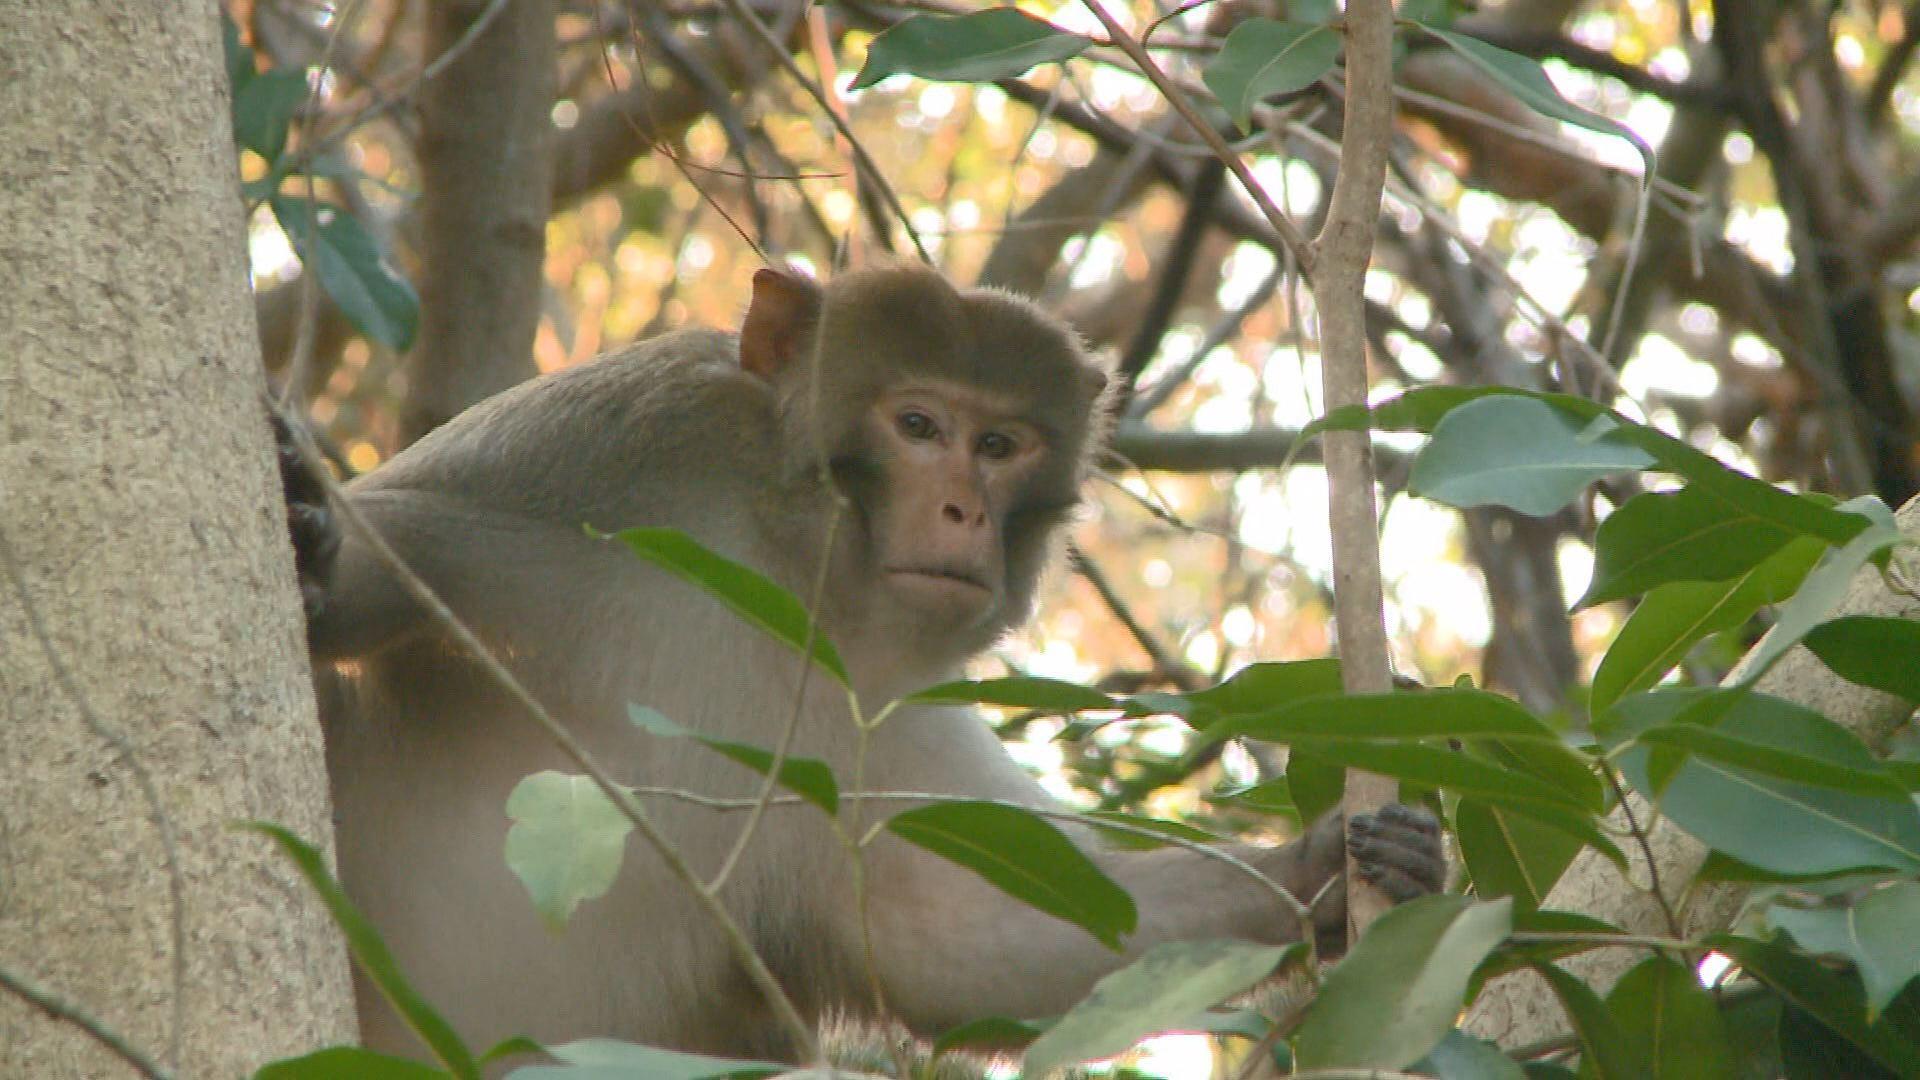 Vervet Monkey Likes Life In Fort Lauderdale Neighborhood